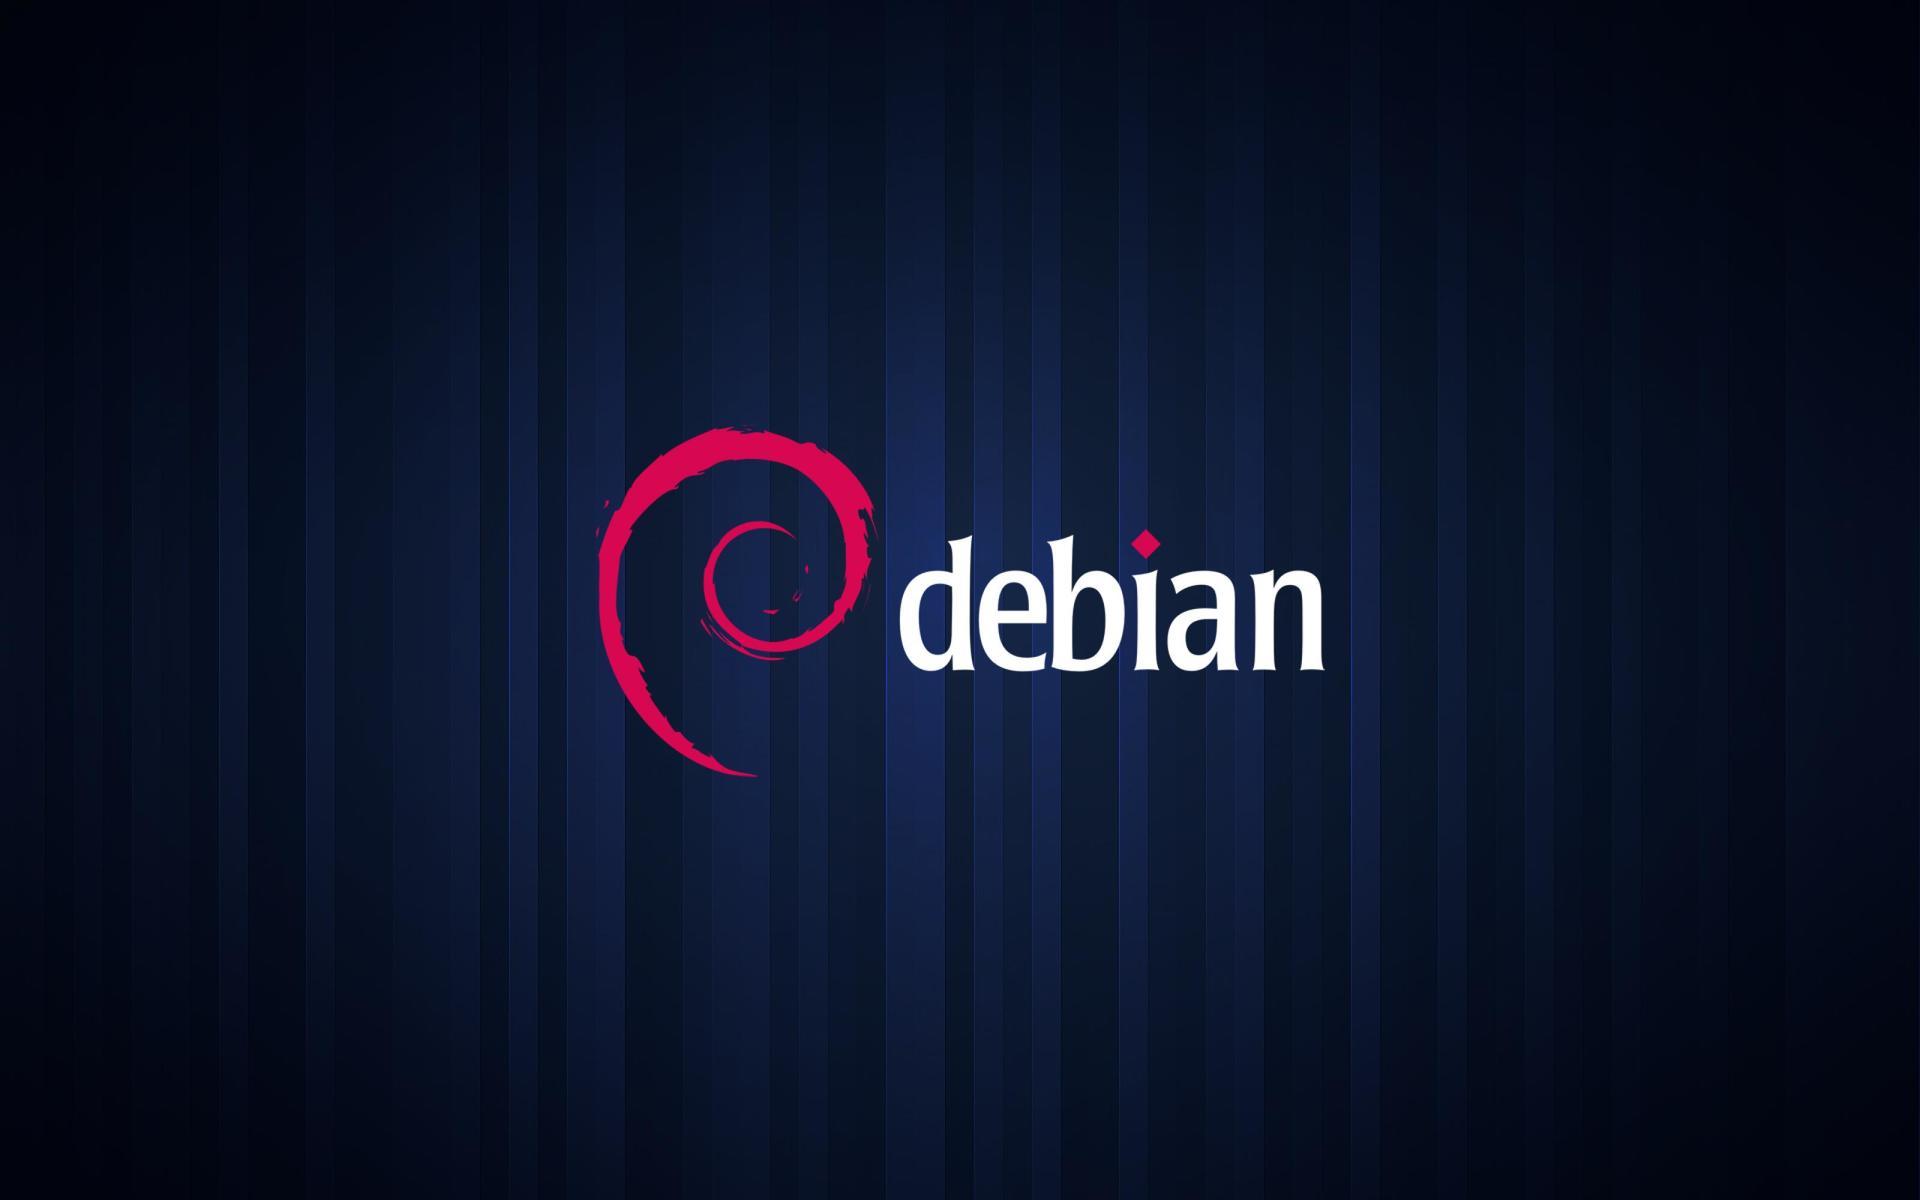 Разработчики Debian публикуют отчет о подготовке «Stretch» и отключают поддержку FTP на своих серверах - 1